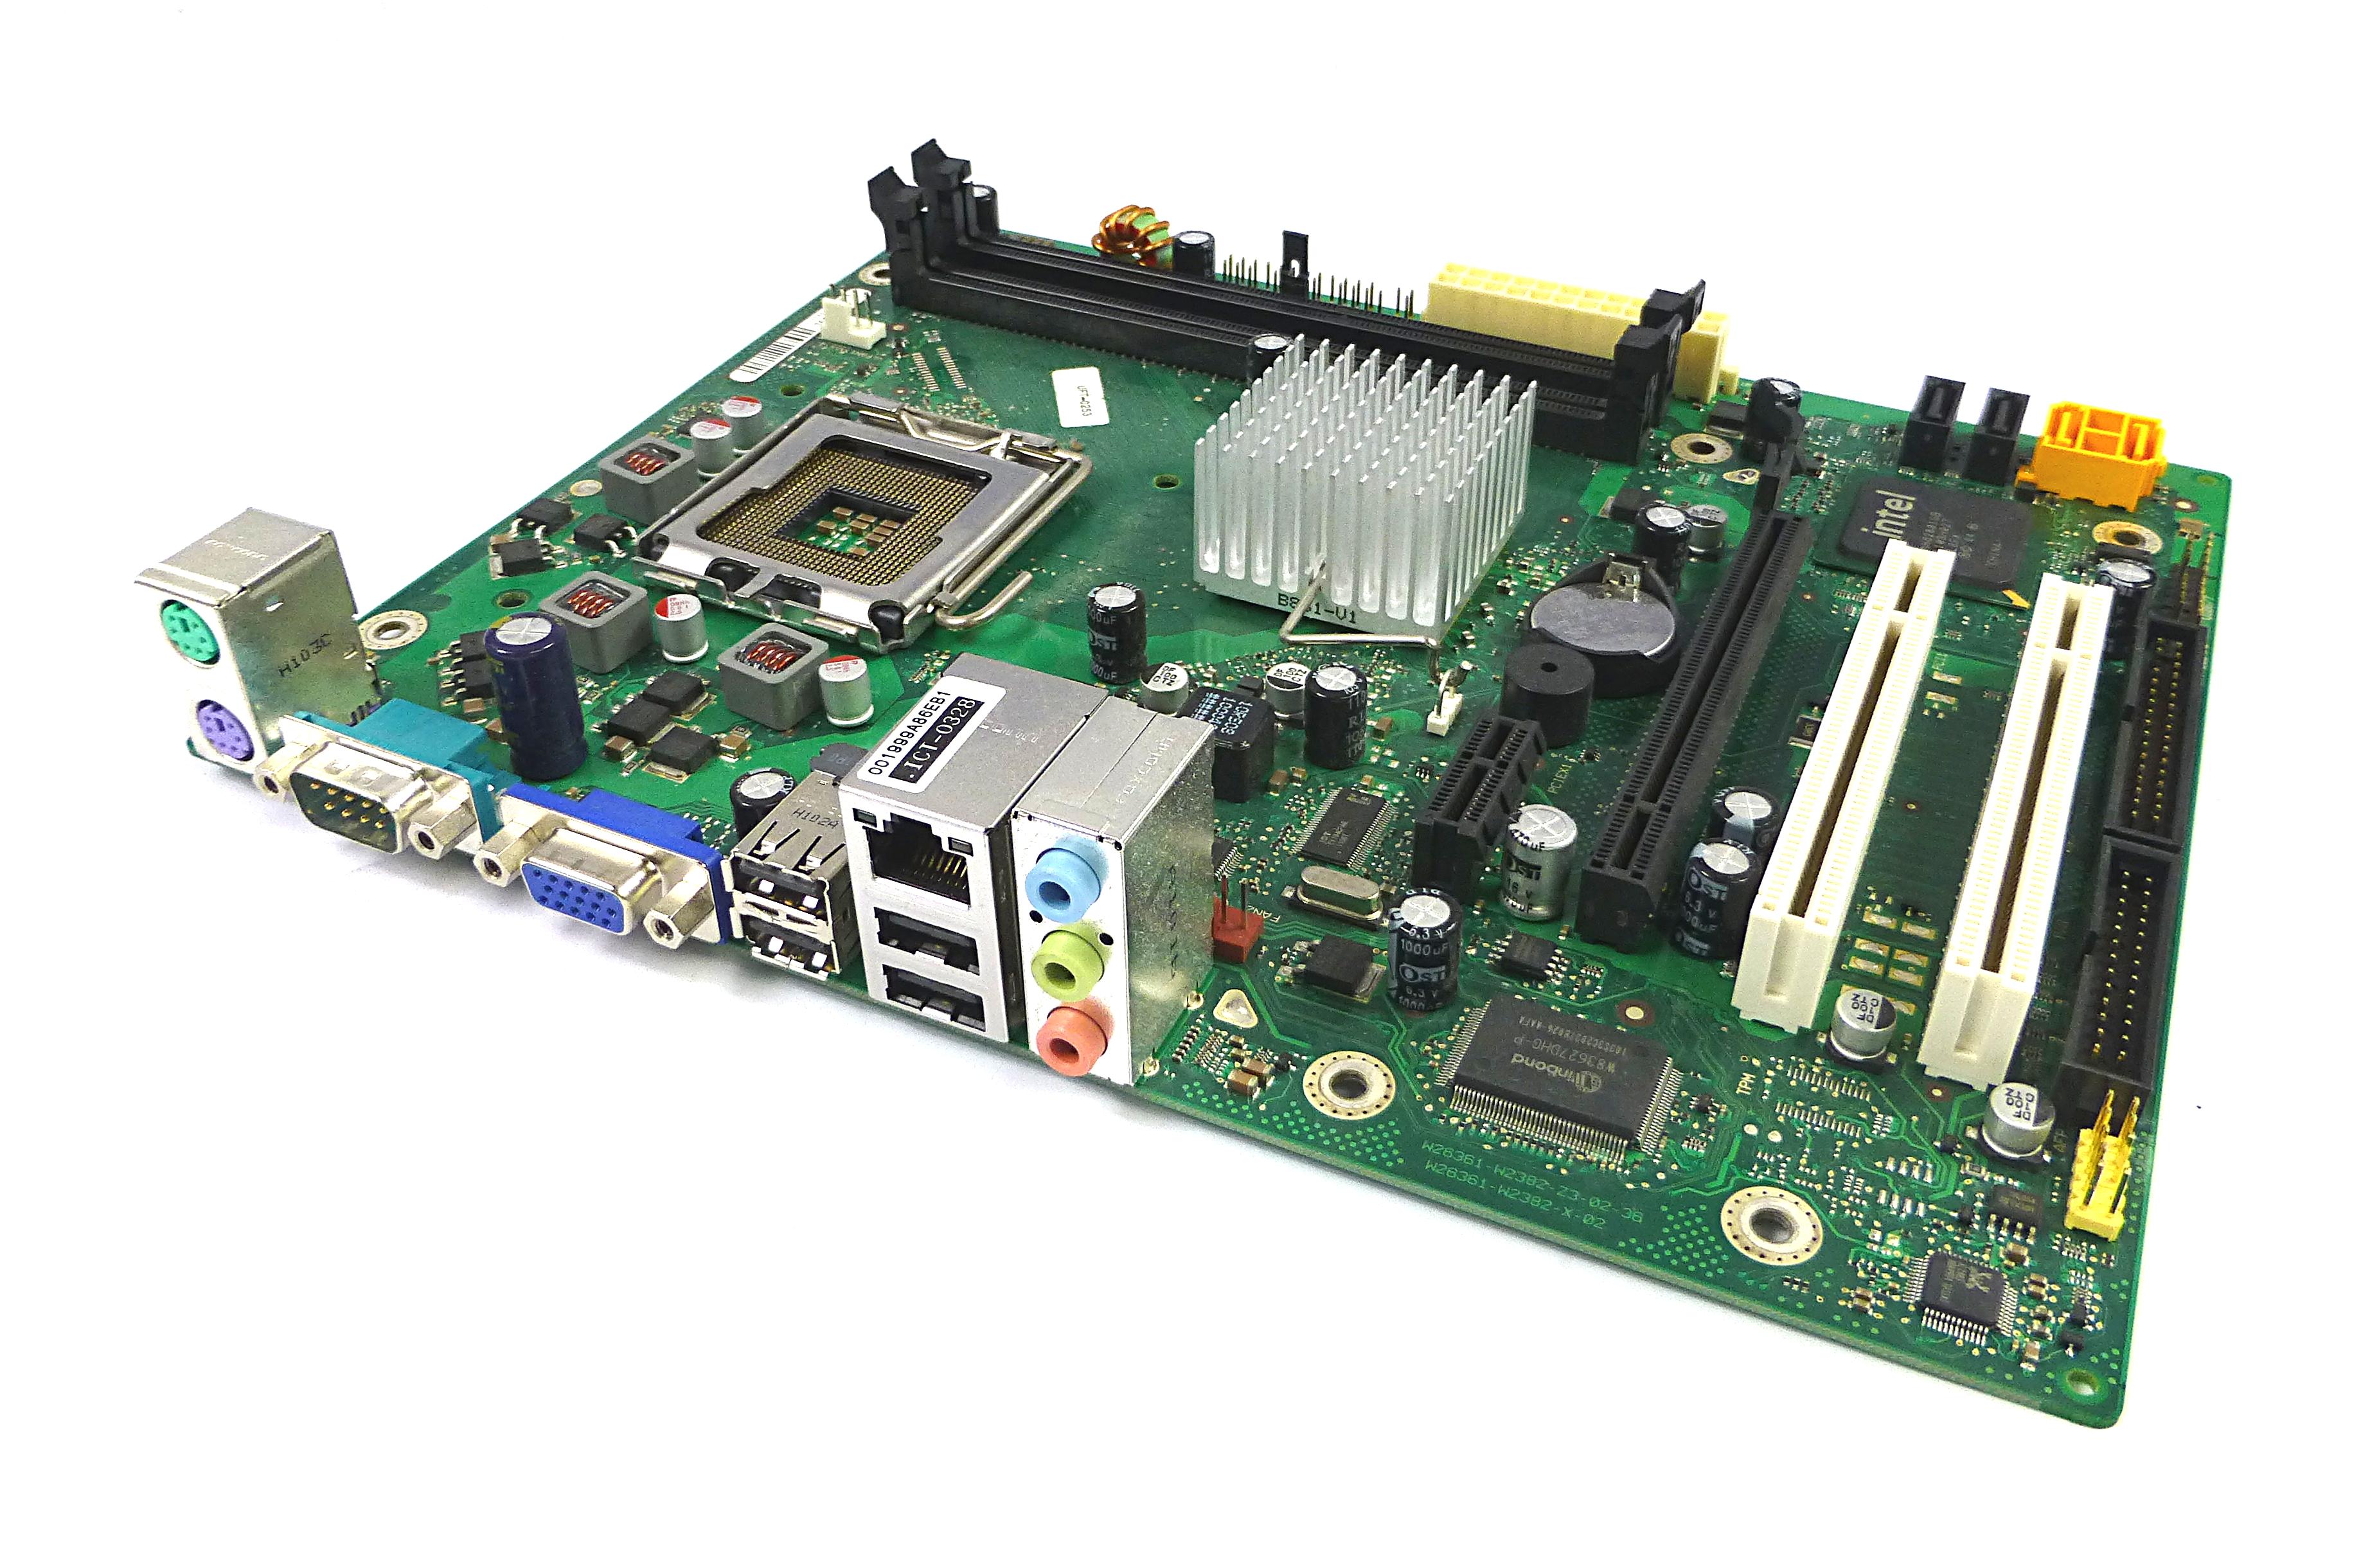 Fujitsu D3041-A11 GS 2 Socket LGA 775 Motherboard